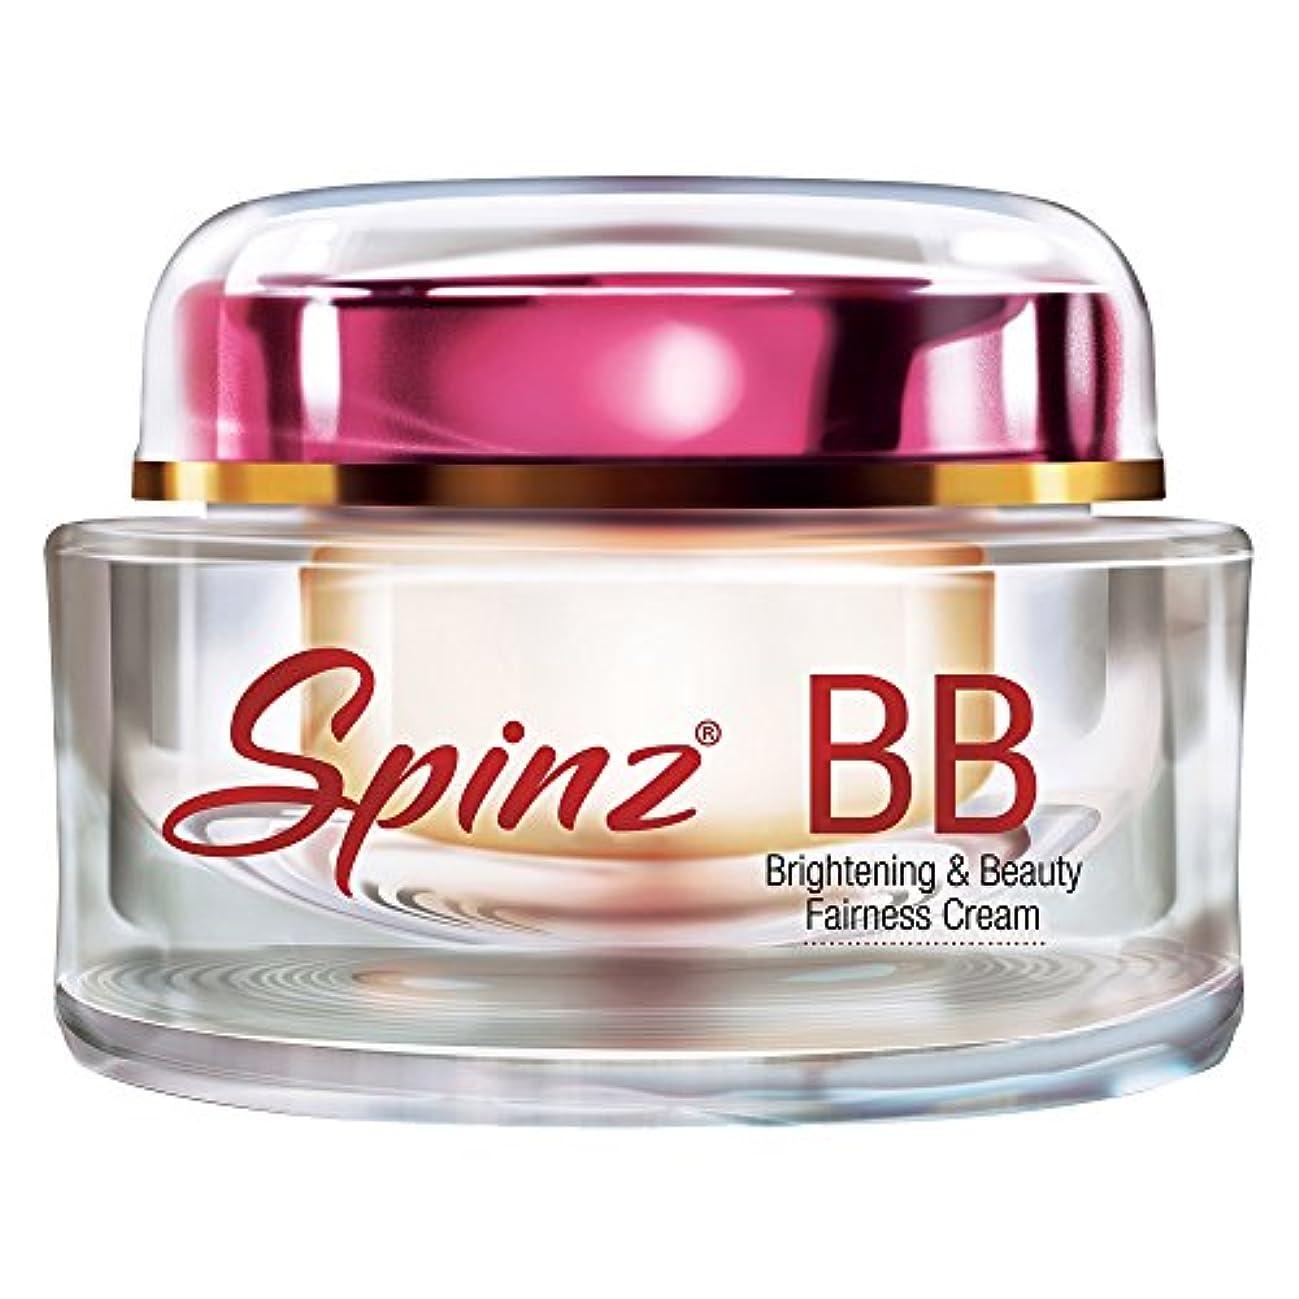 バイバイコンペチャットSpinz BB Fairness Cream, 50gm